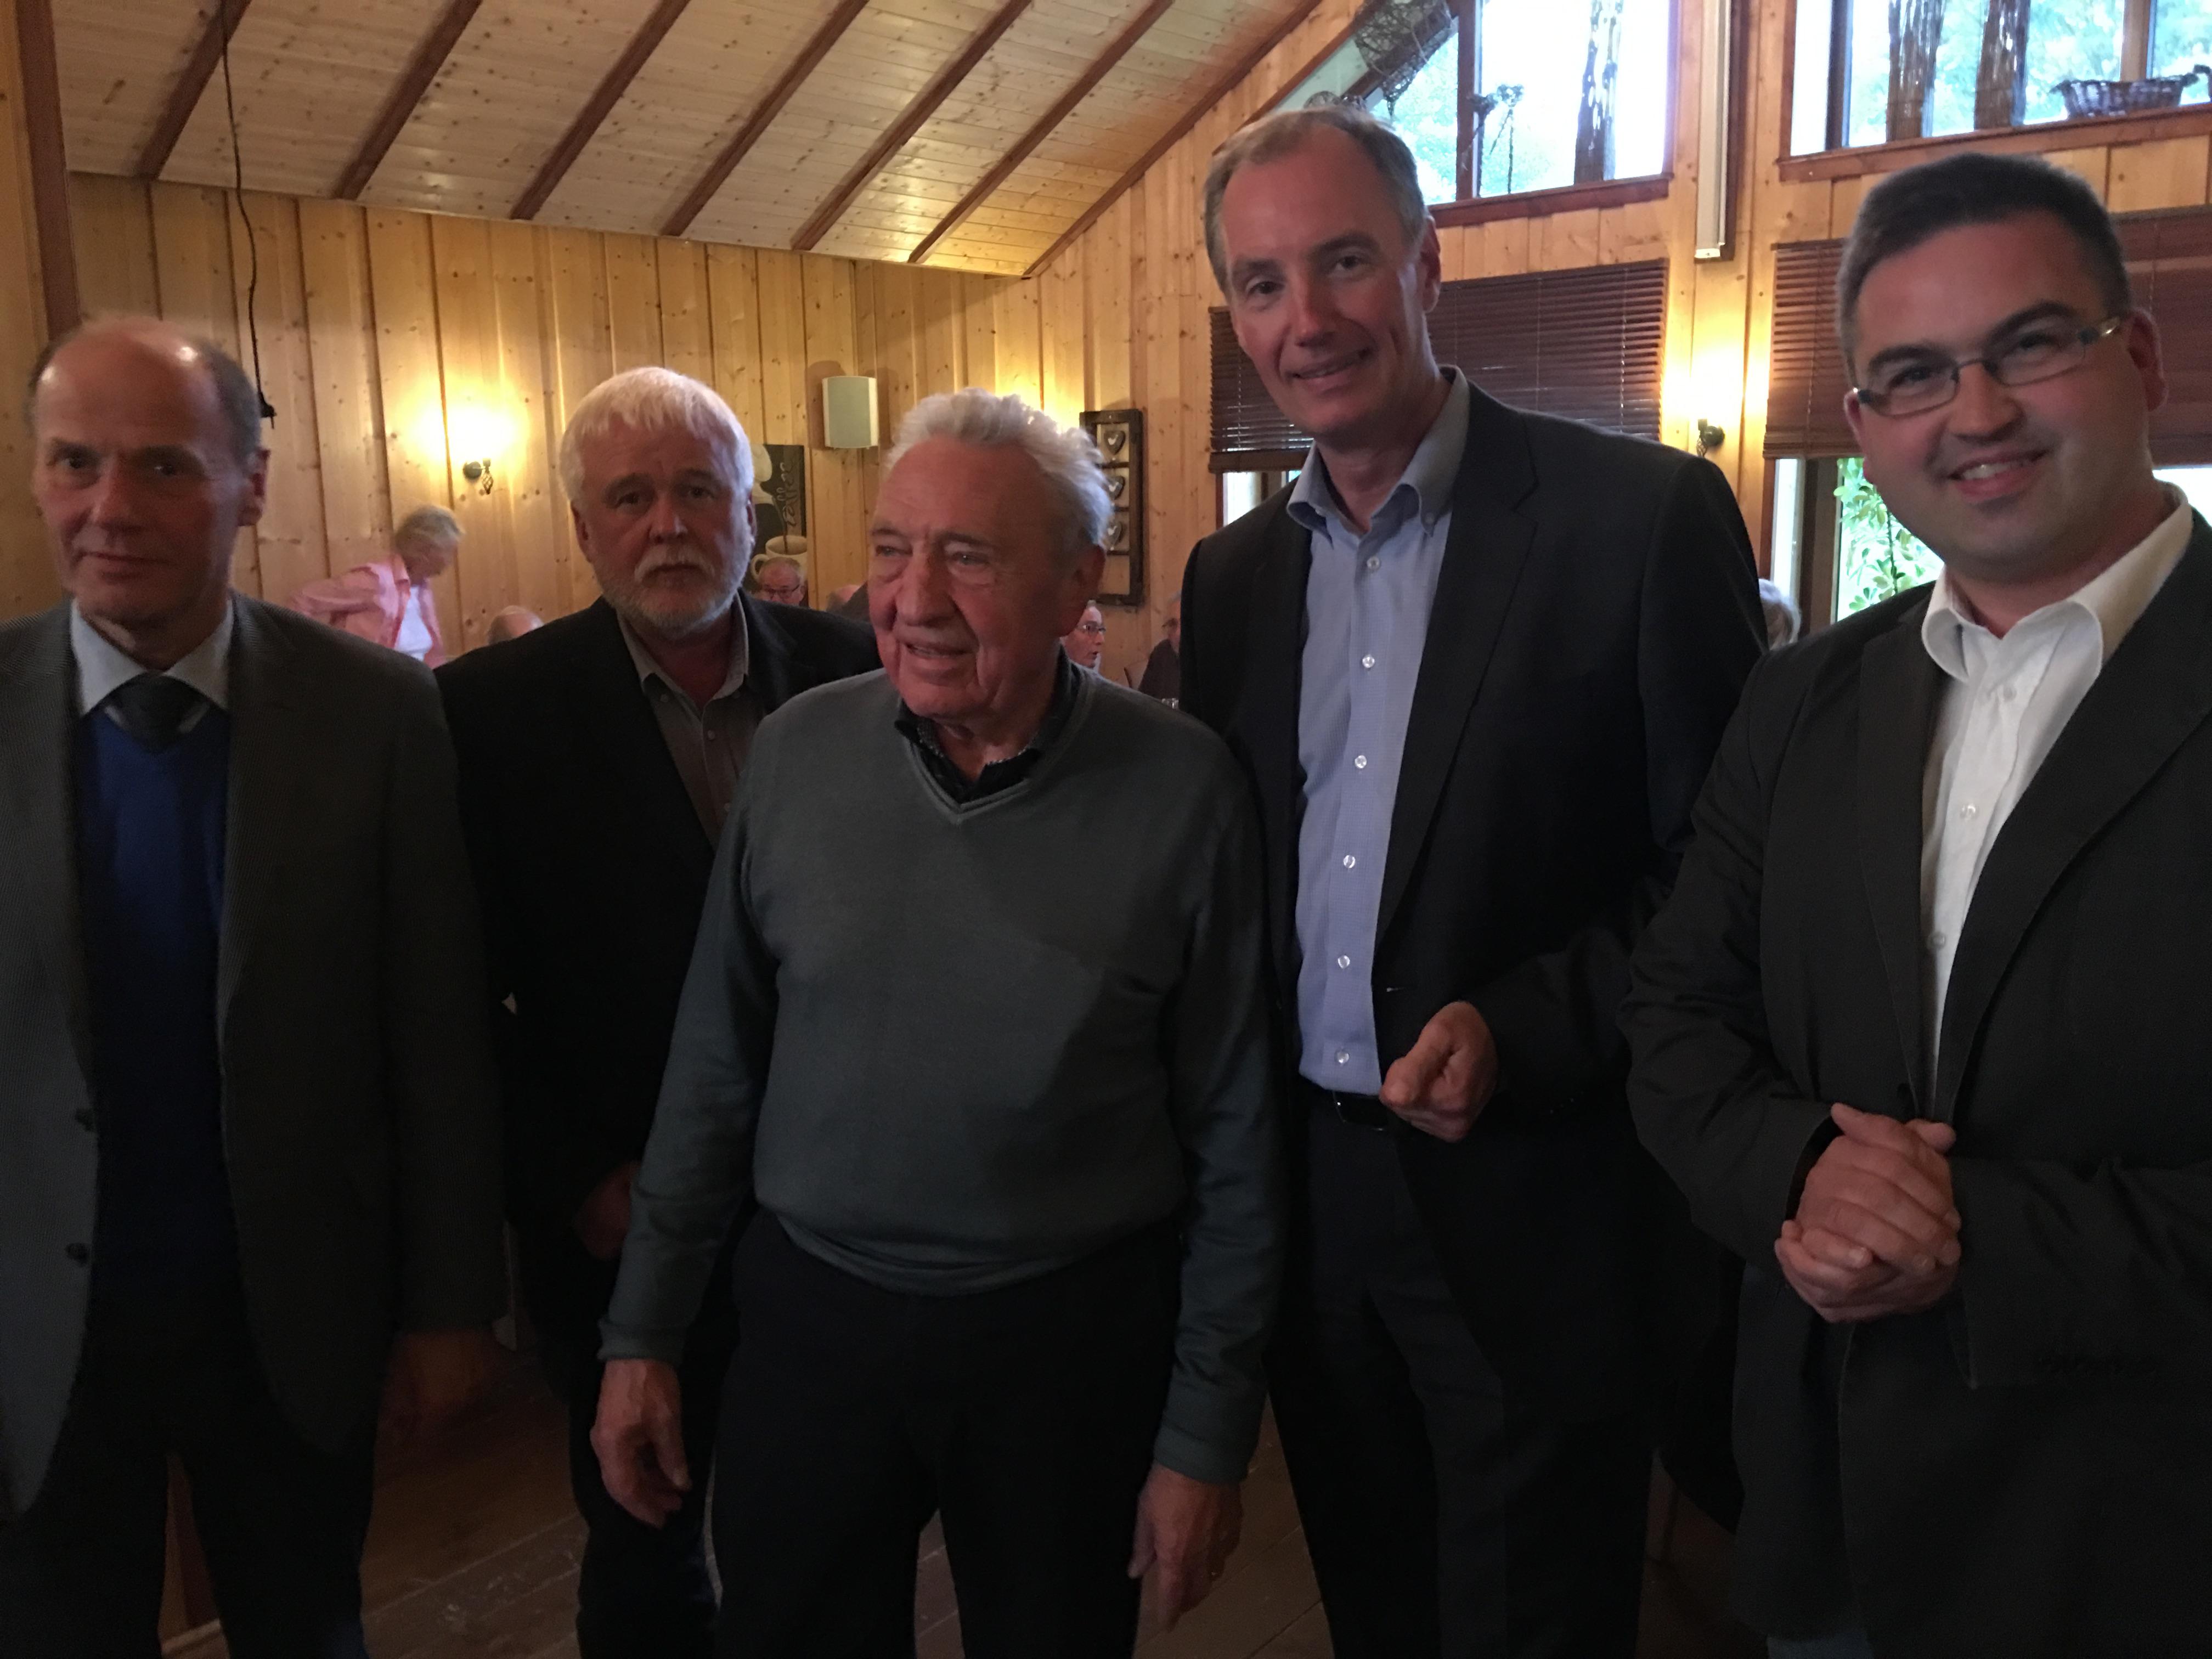 Attendorns CDU-Fraktionsvorsitzender Wolfgang Teipel, stellv. Fraktionsvorsitzender Rolf Schöpf, Chef der CDU Senioren Union Reinhard Henze, Matthias Heider, CDU-Chef Sebastian Ohm